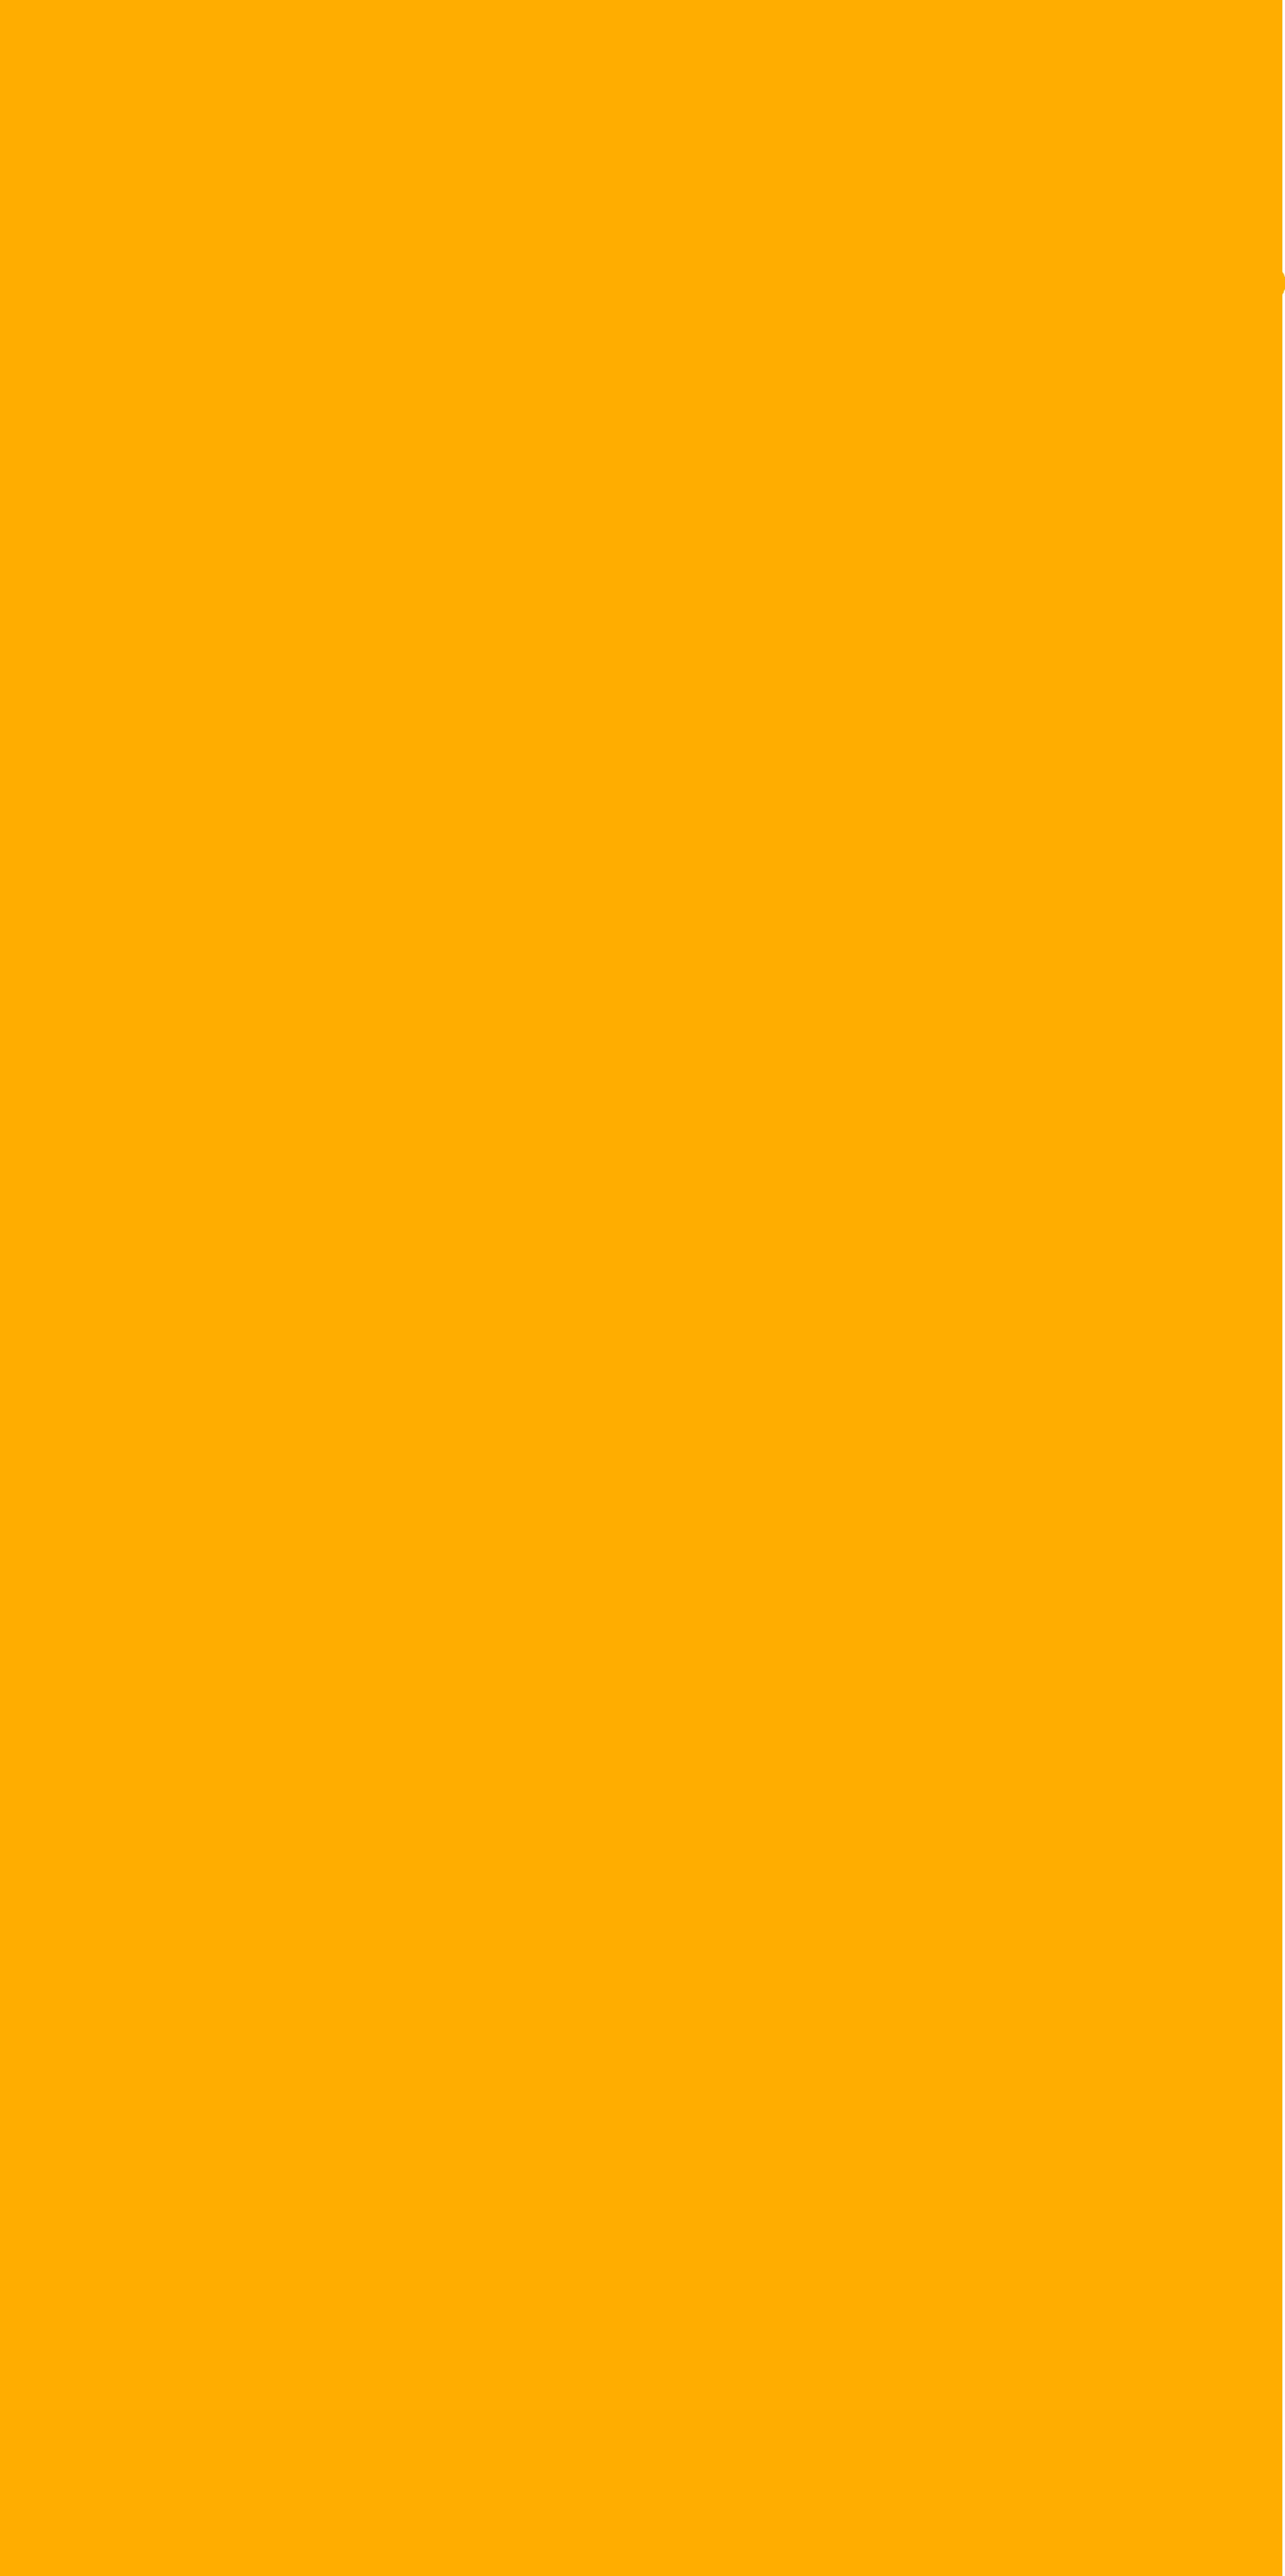 黄鹤楼酒业有限公司logo